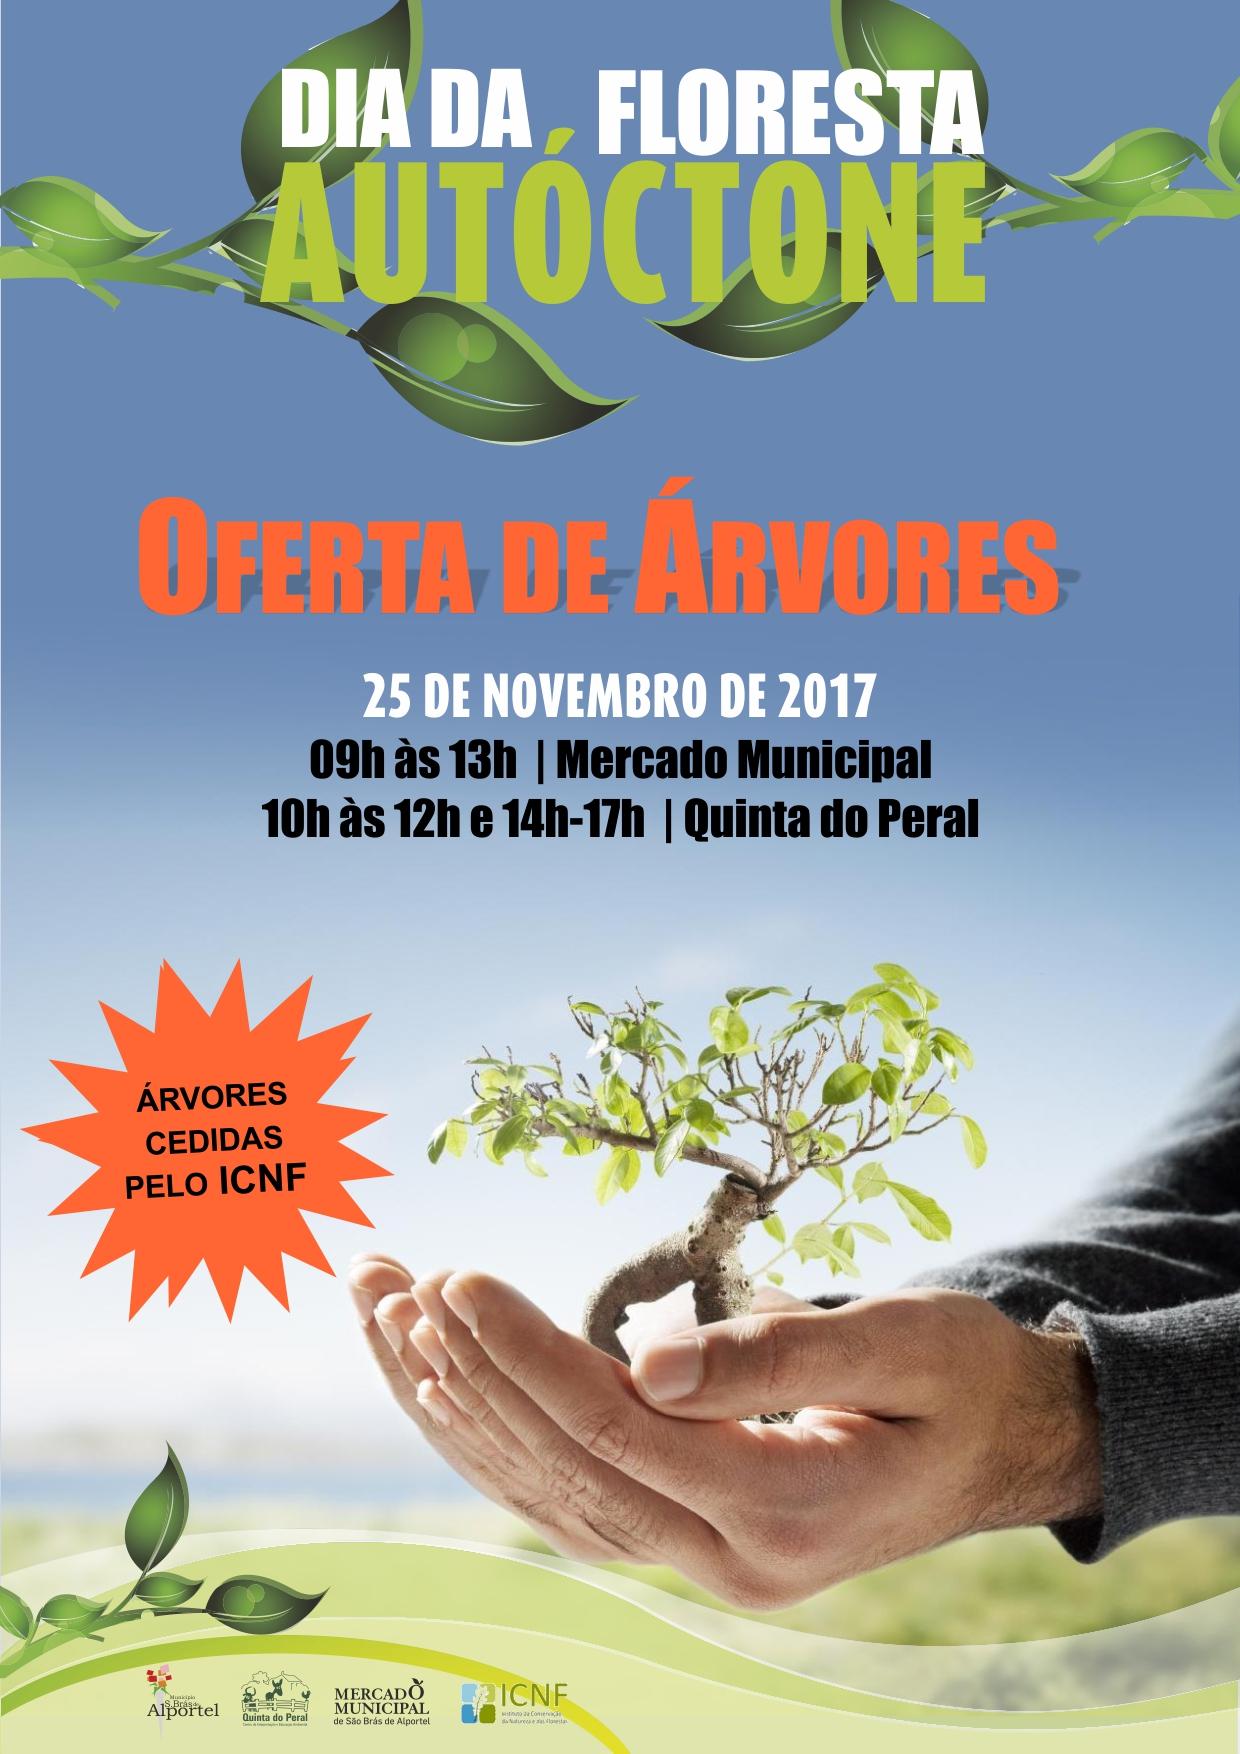 cartaz do dia da floresta autóctone de 2017